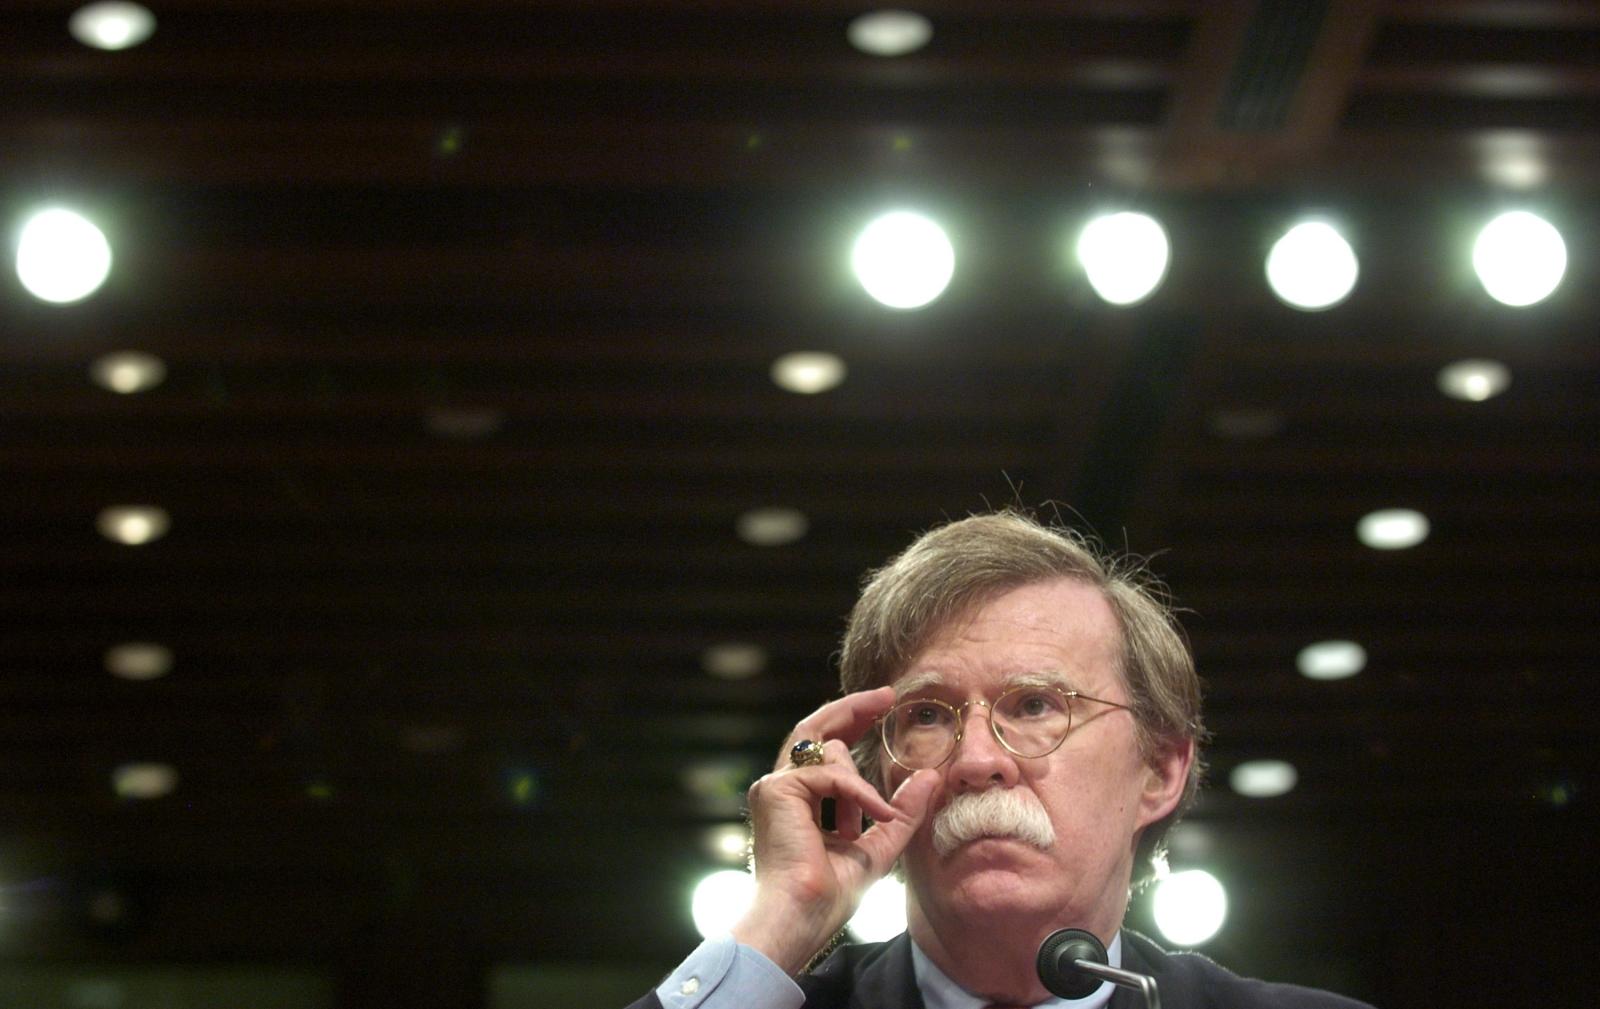 Former US ambassador John Bolton suggests Russian hacks were 'false flag' by Obama administration